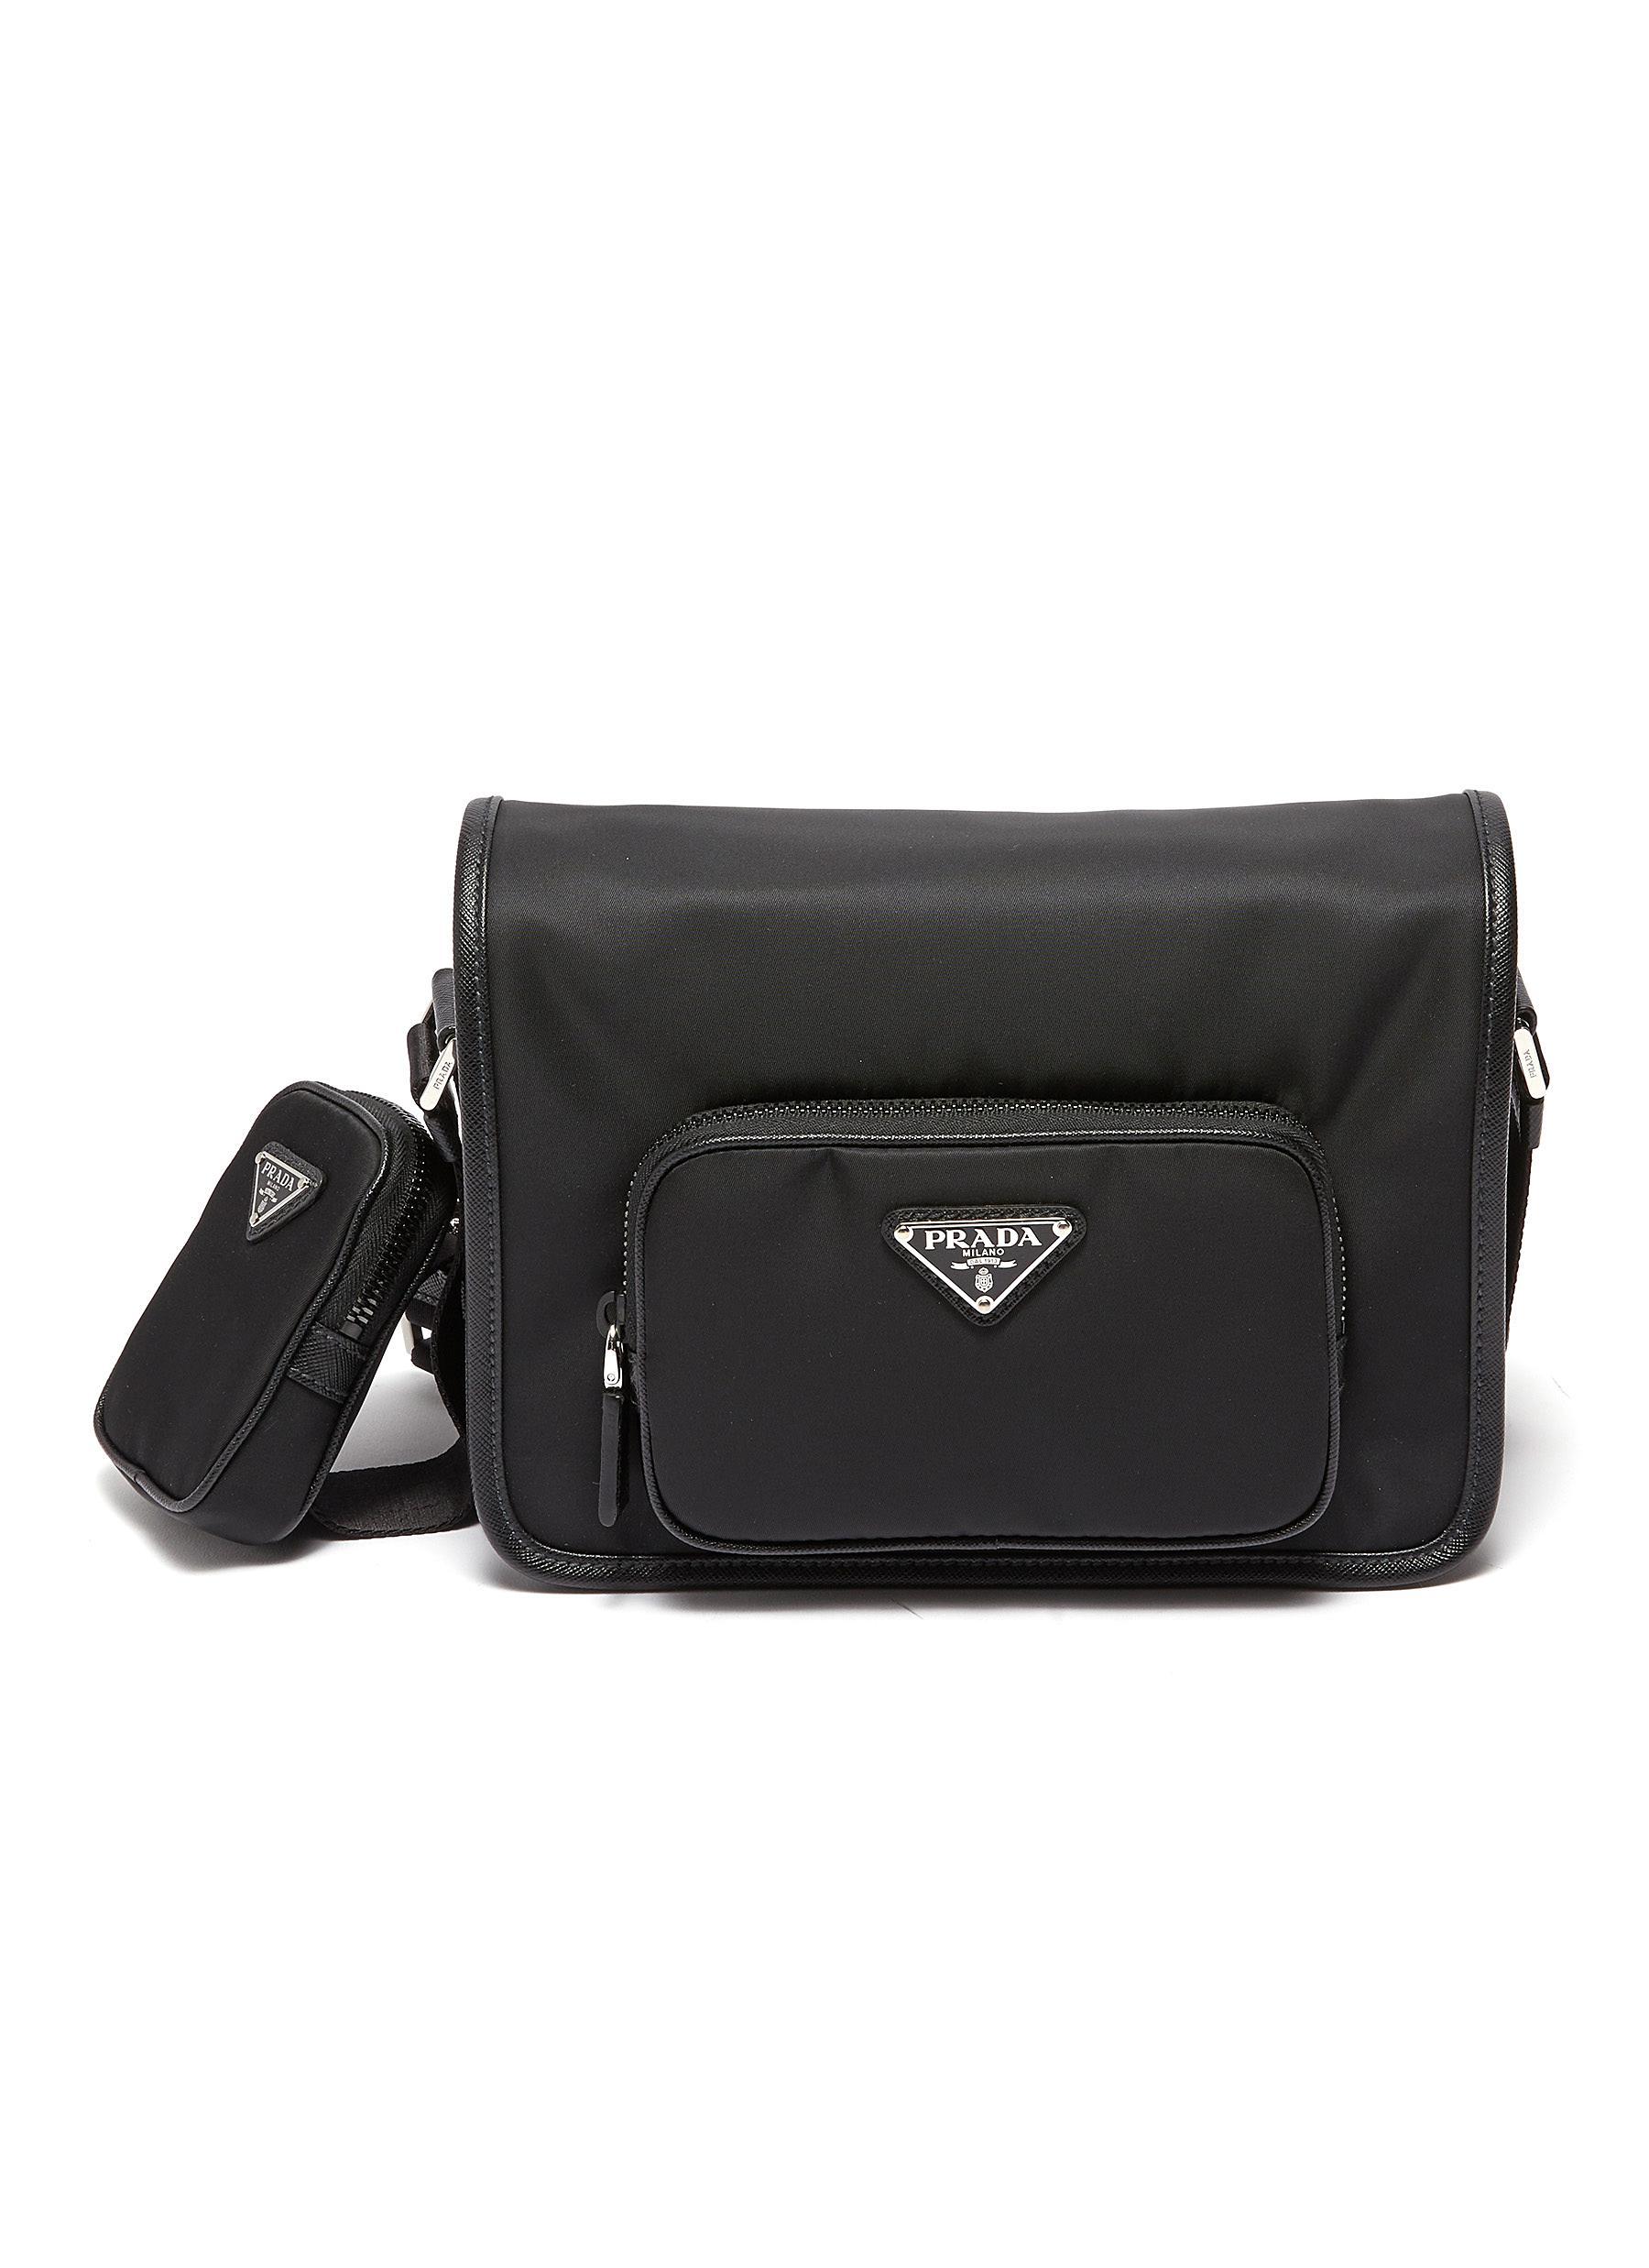 PRADA Saffiano Leather Trim Nylon Messenger Bag